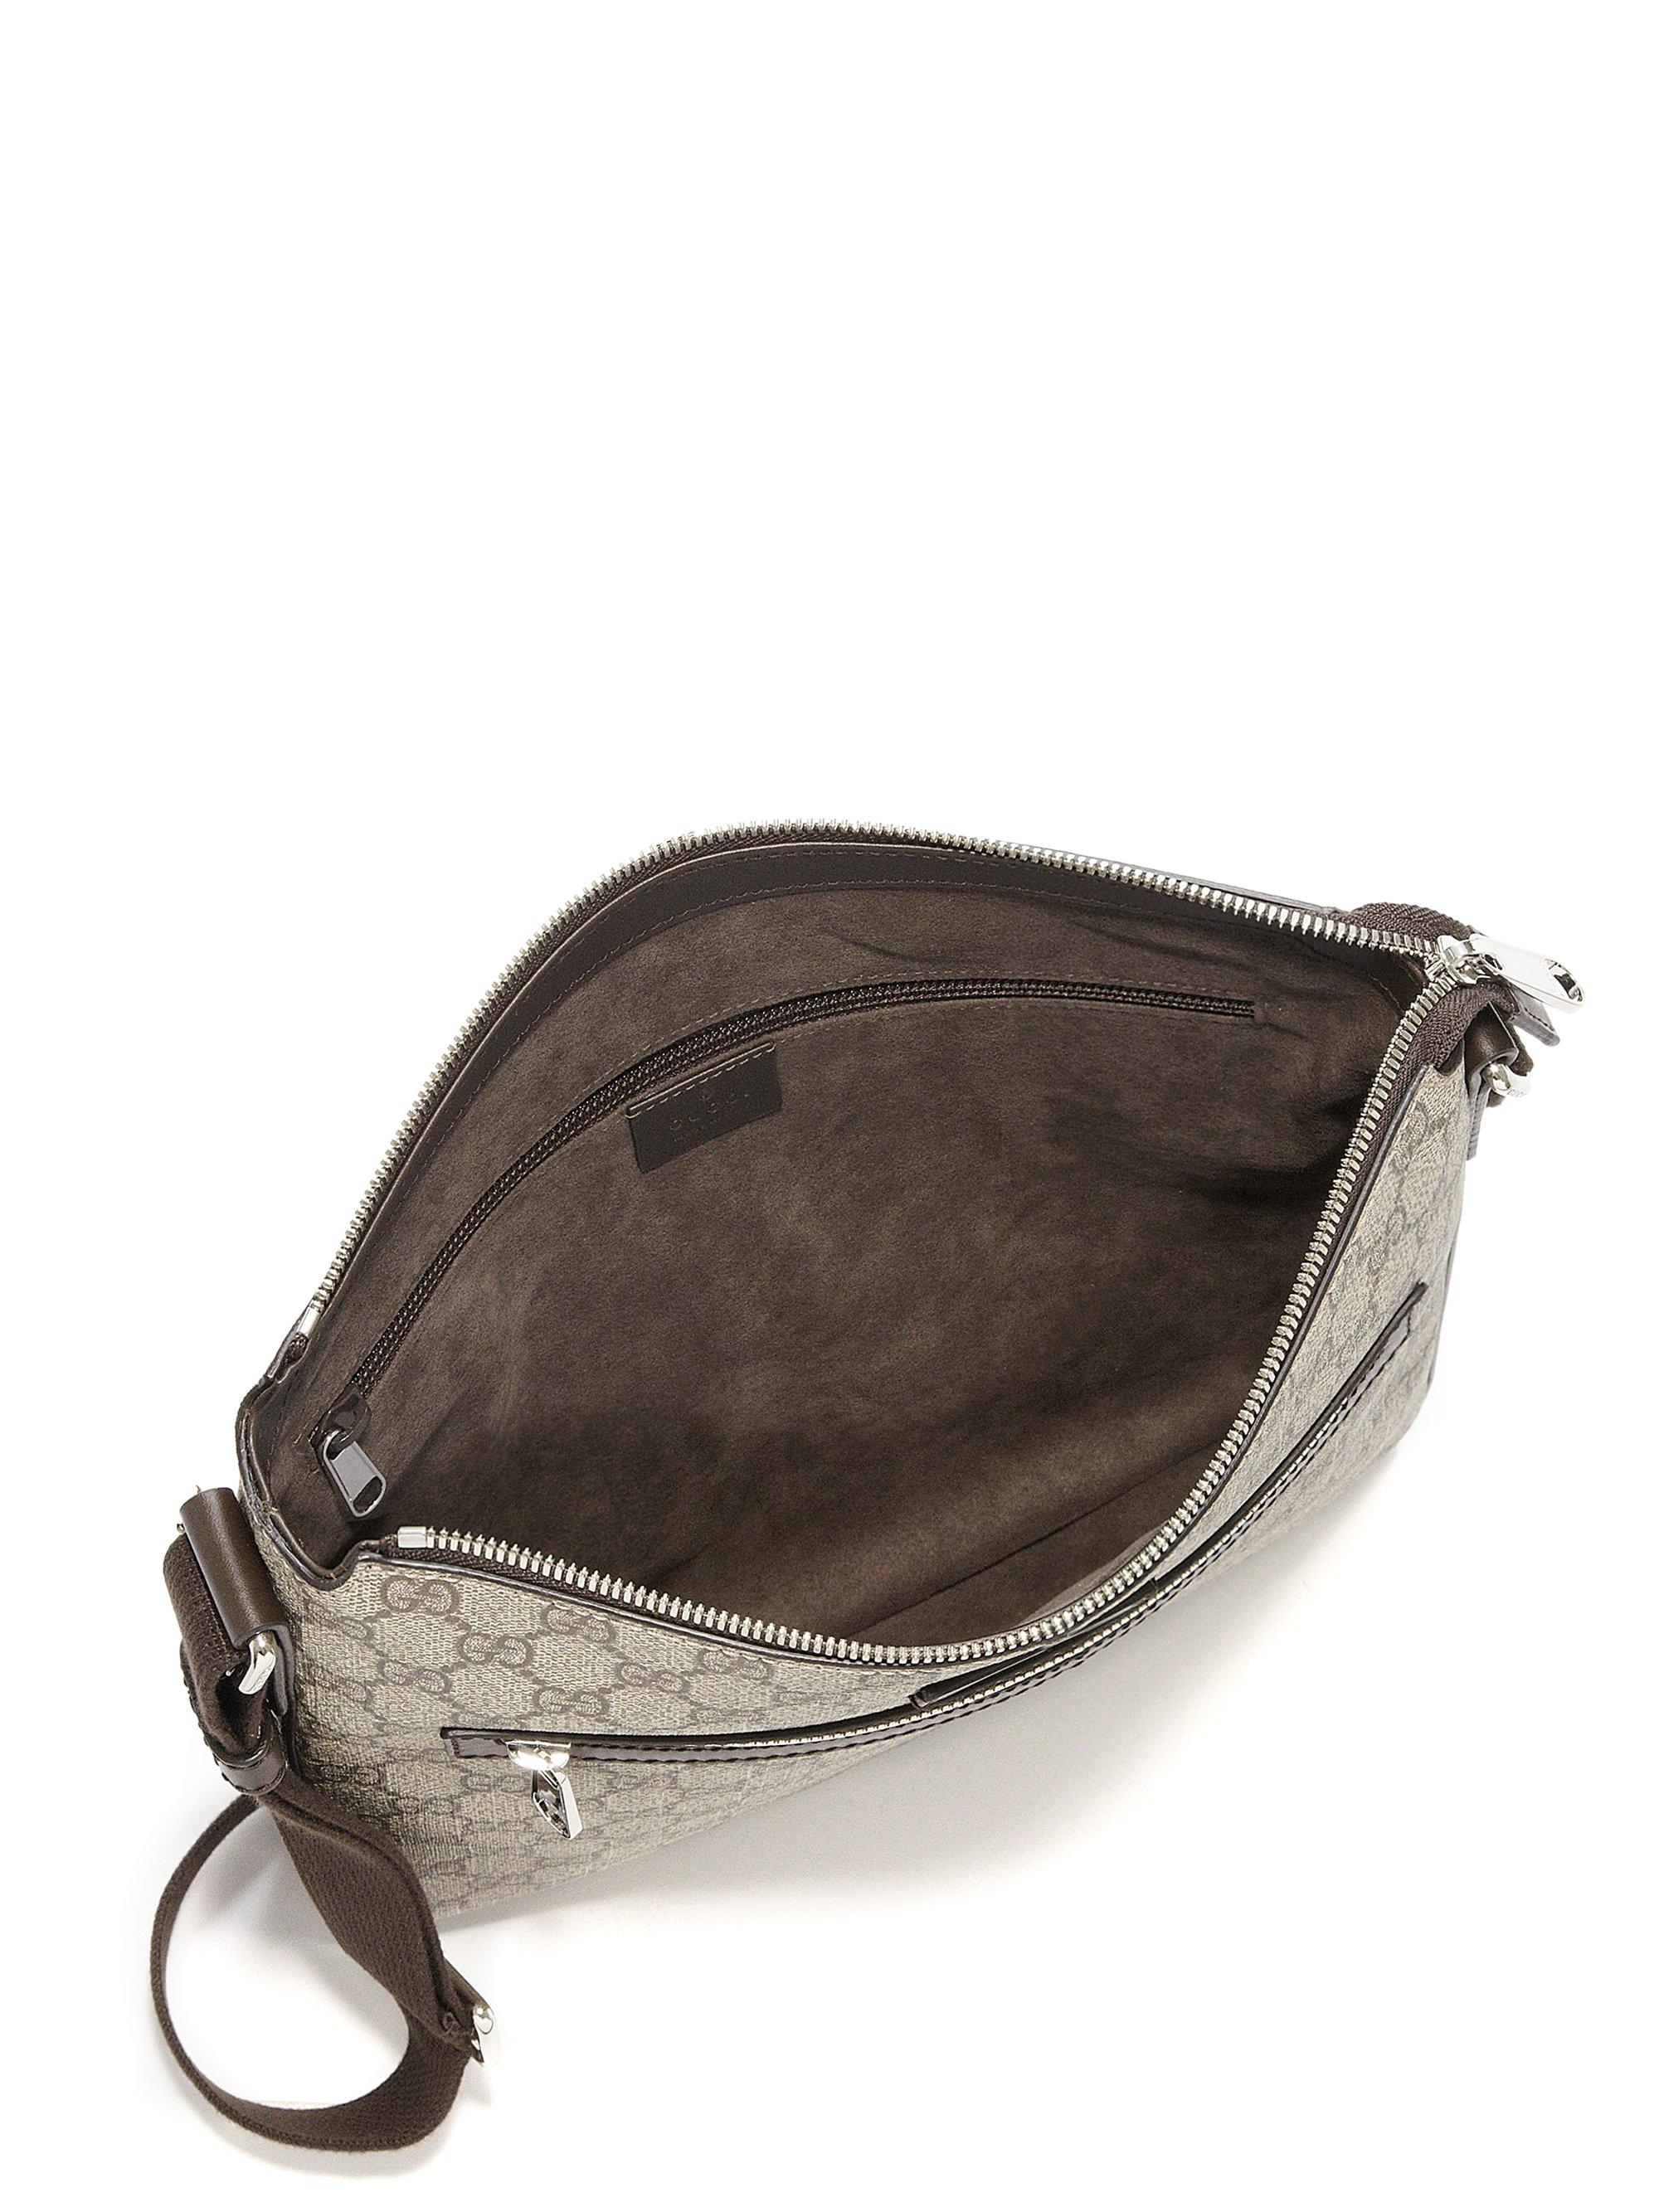 gucci gg supreme canvas flat messenger bag in brown for men brown multi lyst. Black Bedroom Furniture Sets. Home Design Ideas